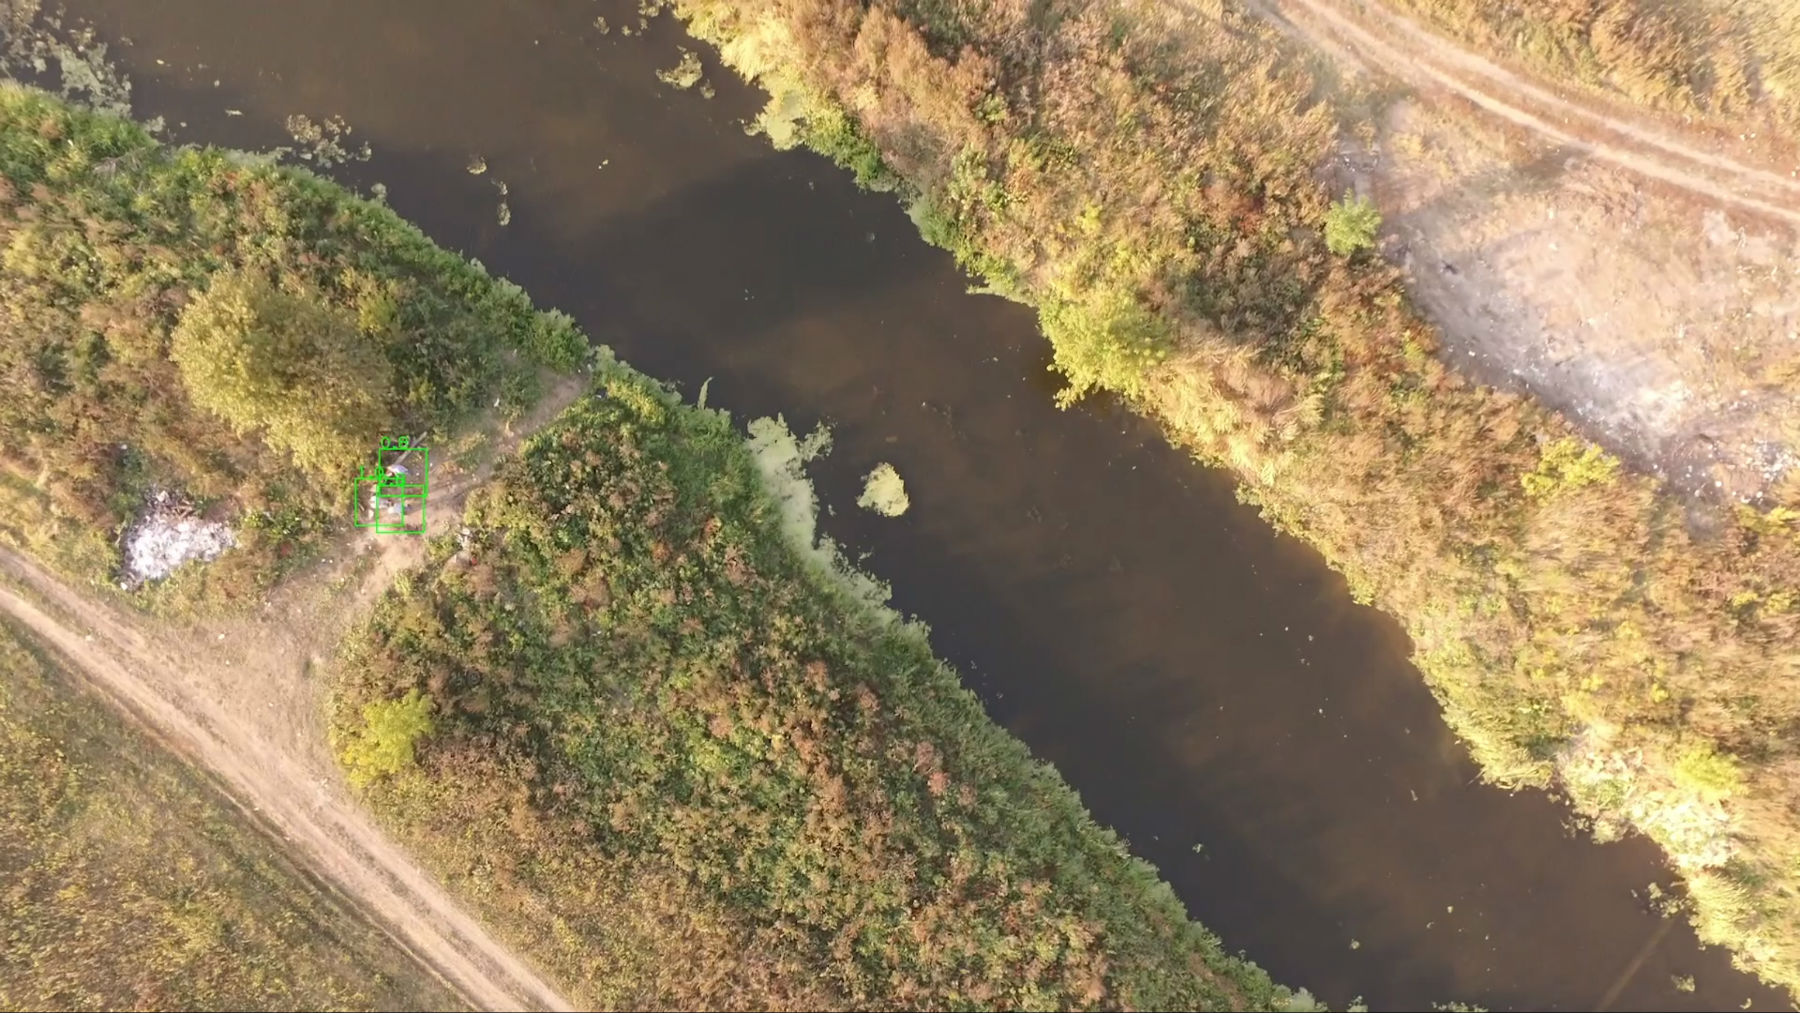 Лес не сдается технологиям поиска, но инженеры наносят ответный удар - 4